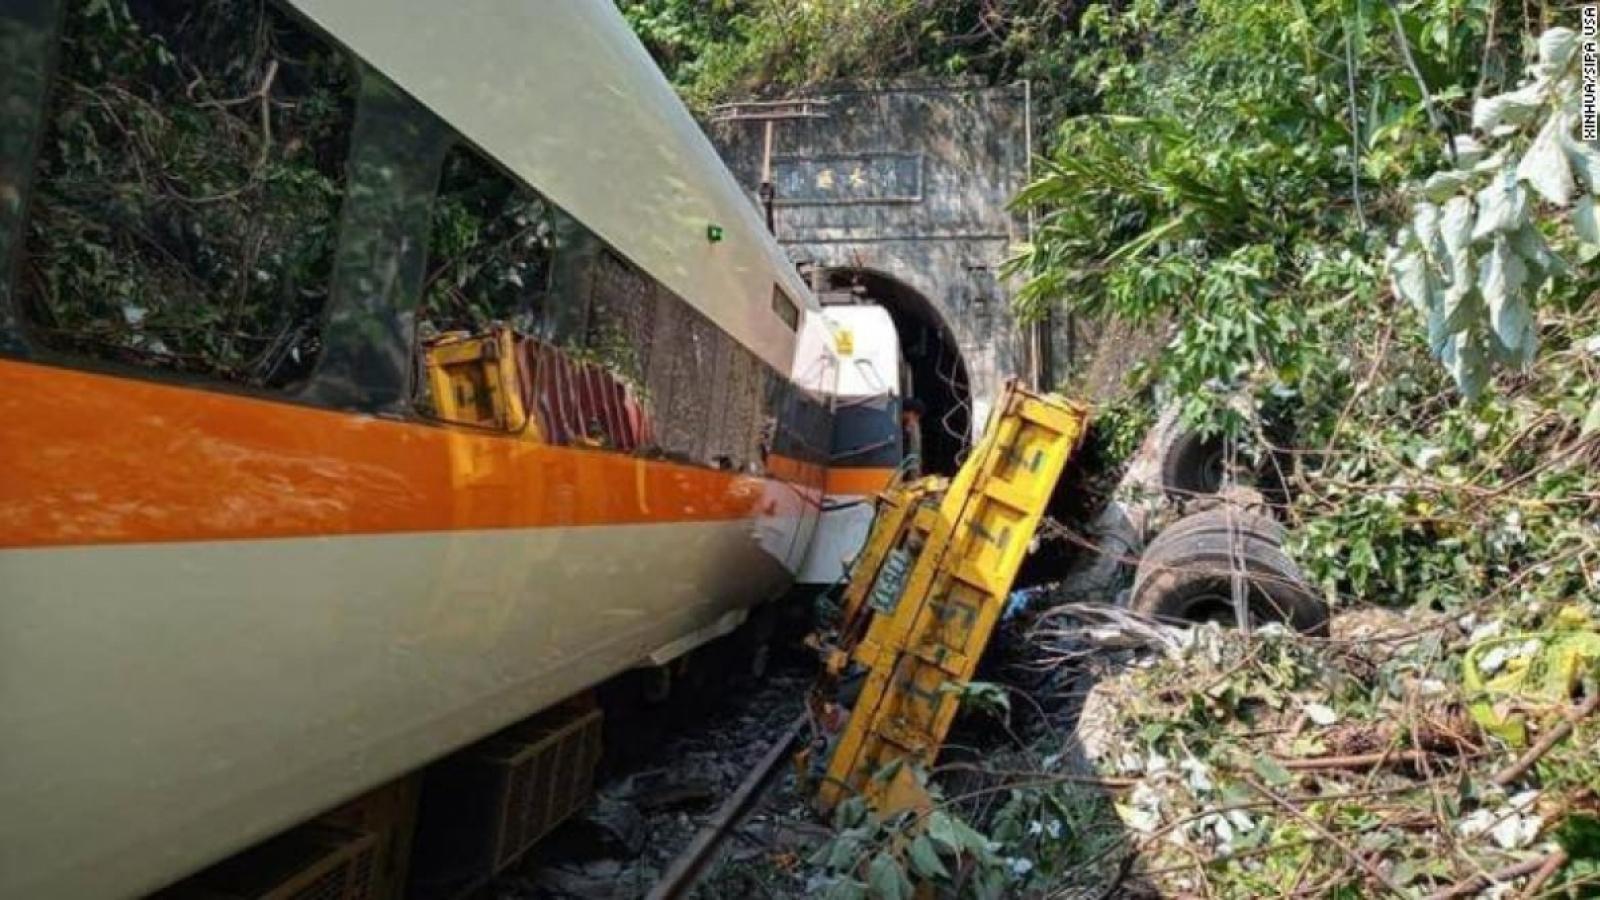 Con tàu gặp nạn tạiĐài Loan (Trung Quốc)được đưa ra khỏi đường hầm